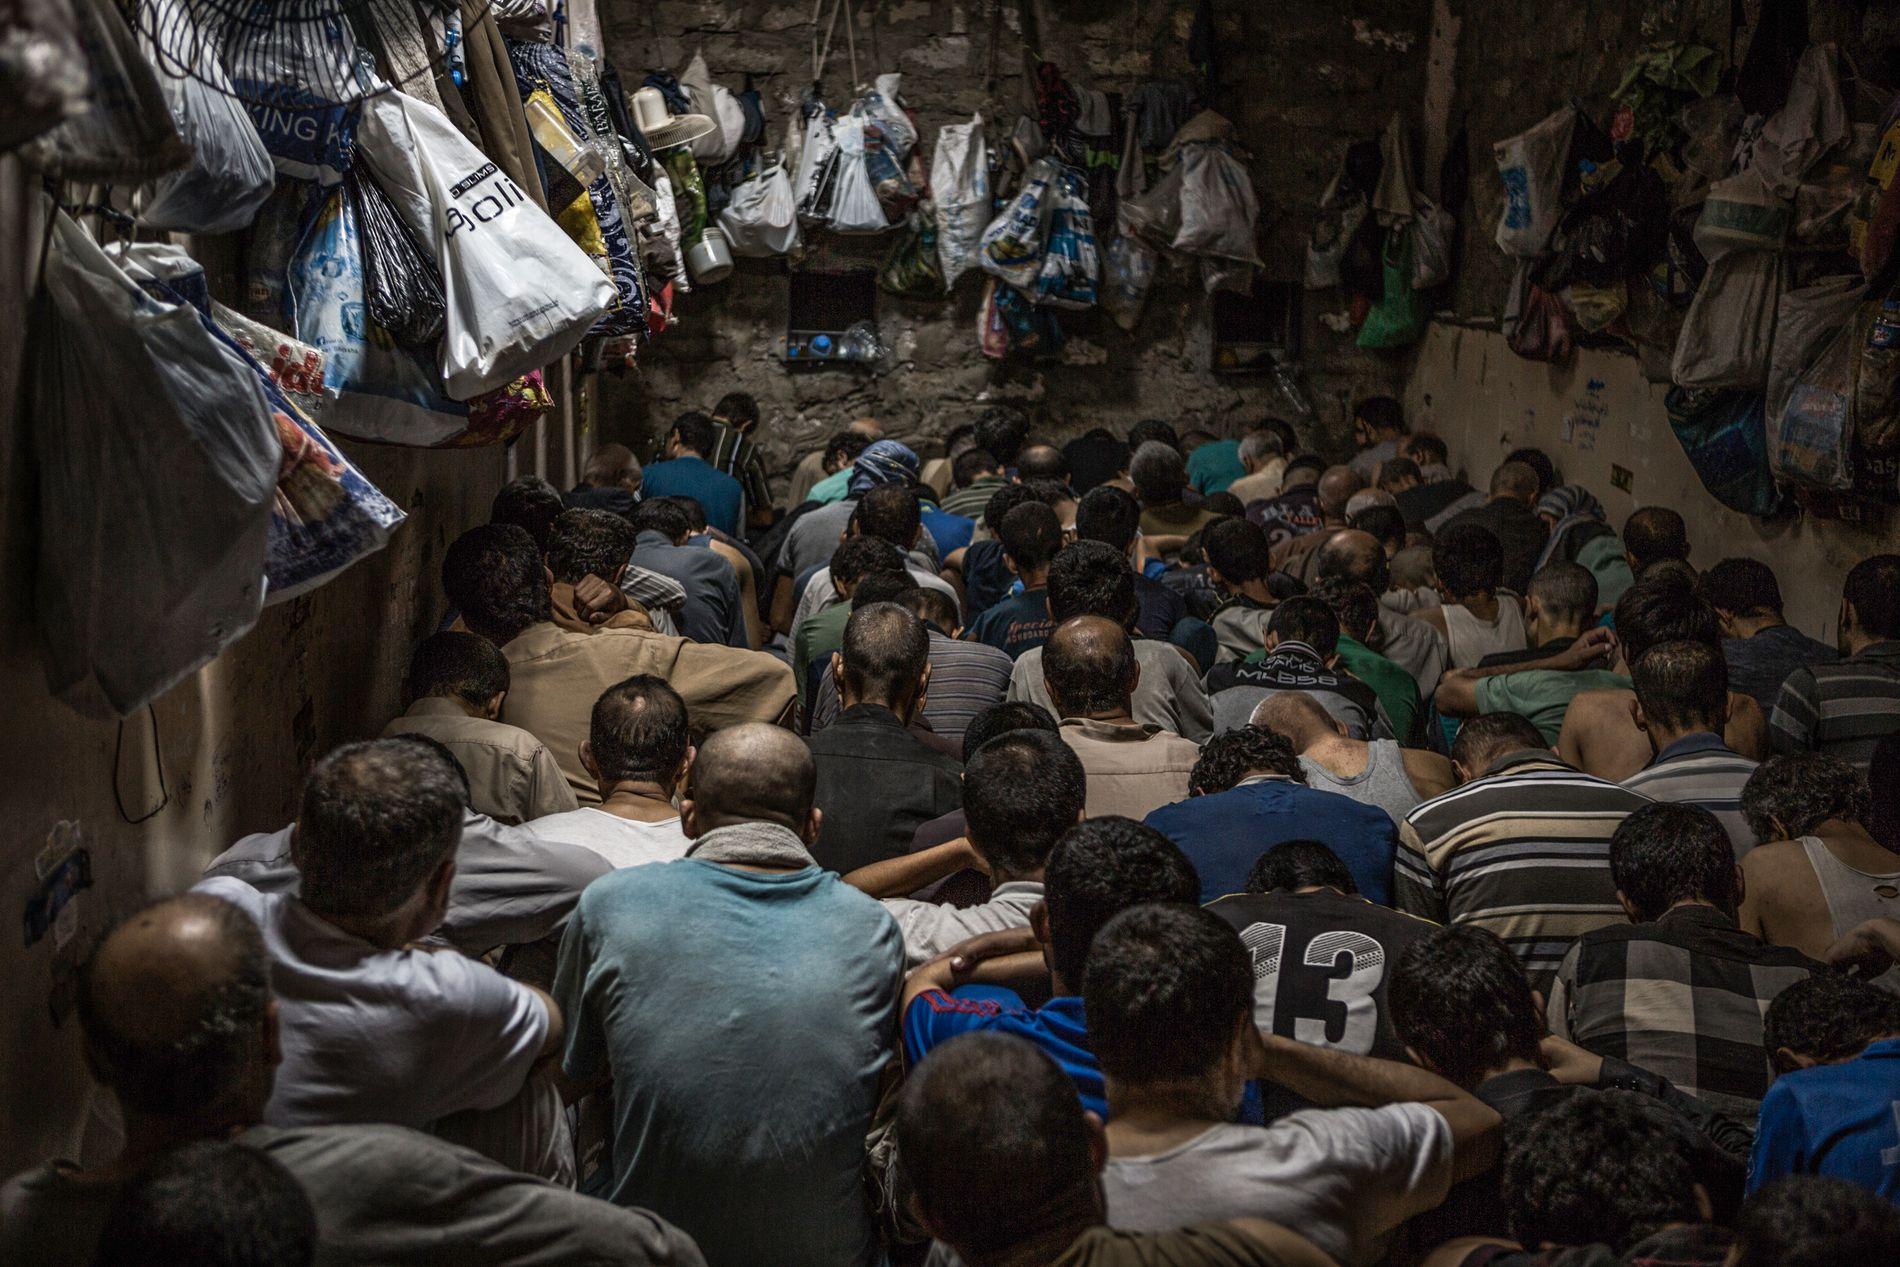 FENGSLET: IS-mistenkte menn sitter varetektsfengslet i en kjeller ved Mosul. Flere holdes der i ukevis. De må sove sittende, og deres eiendeler henger i plastposer på veggen. Bildet er tatt 7. juni i år.